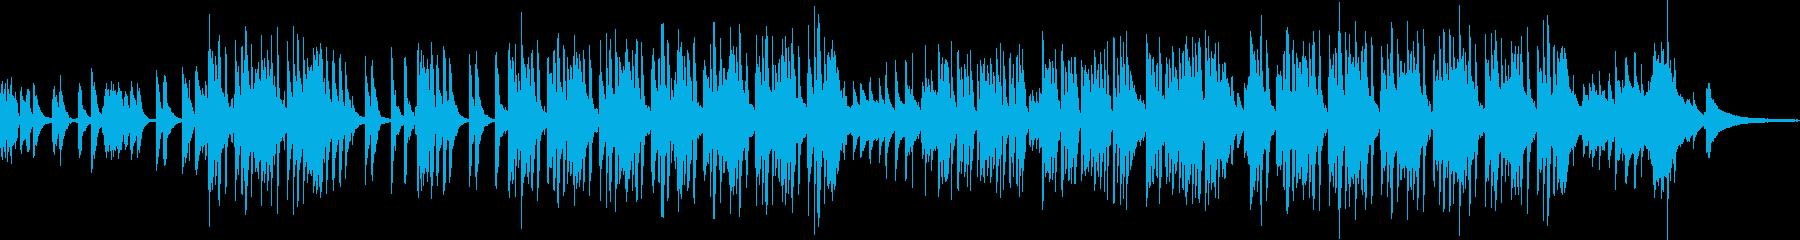 子供たちで面白い曲の再生済みの波形